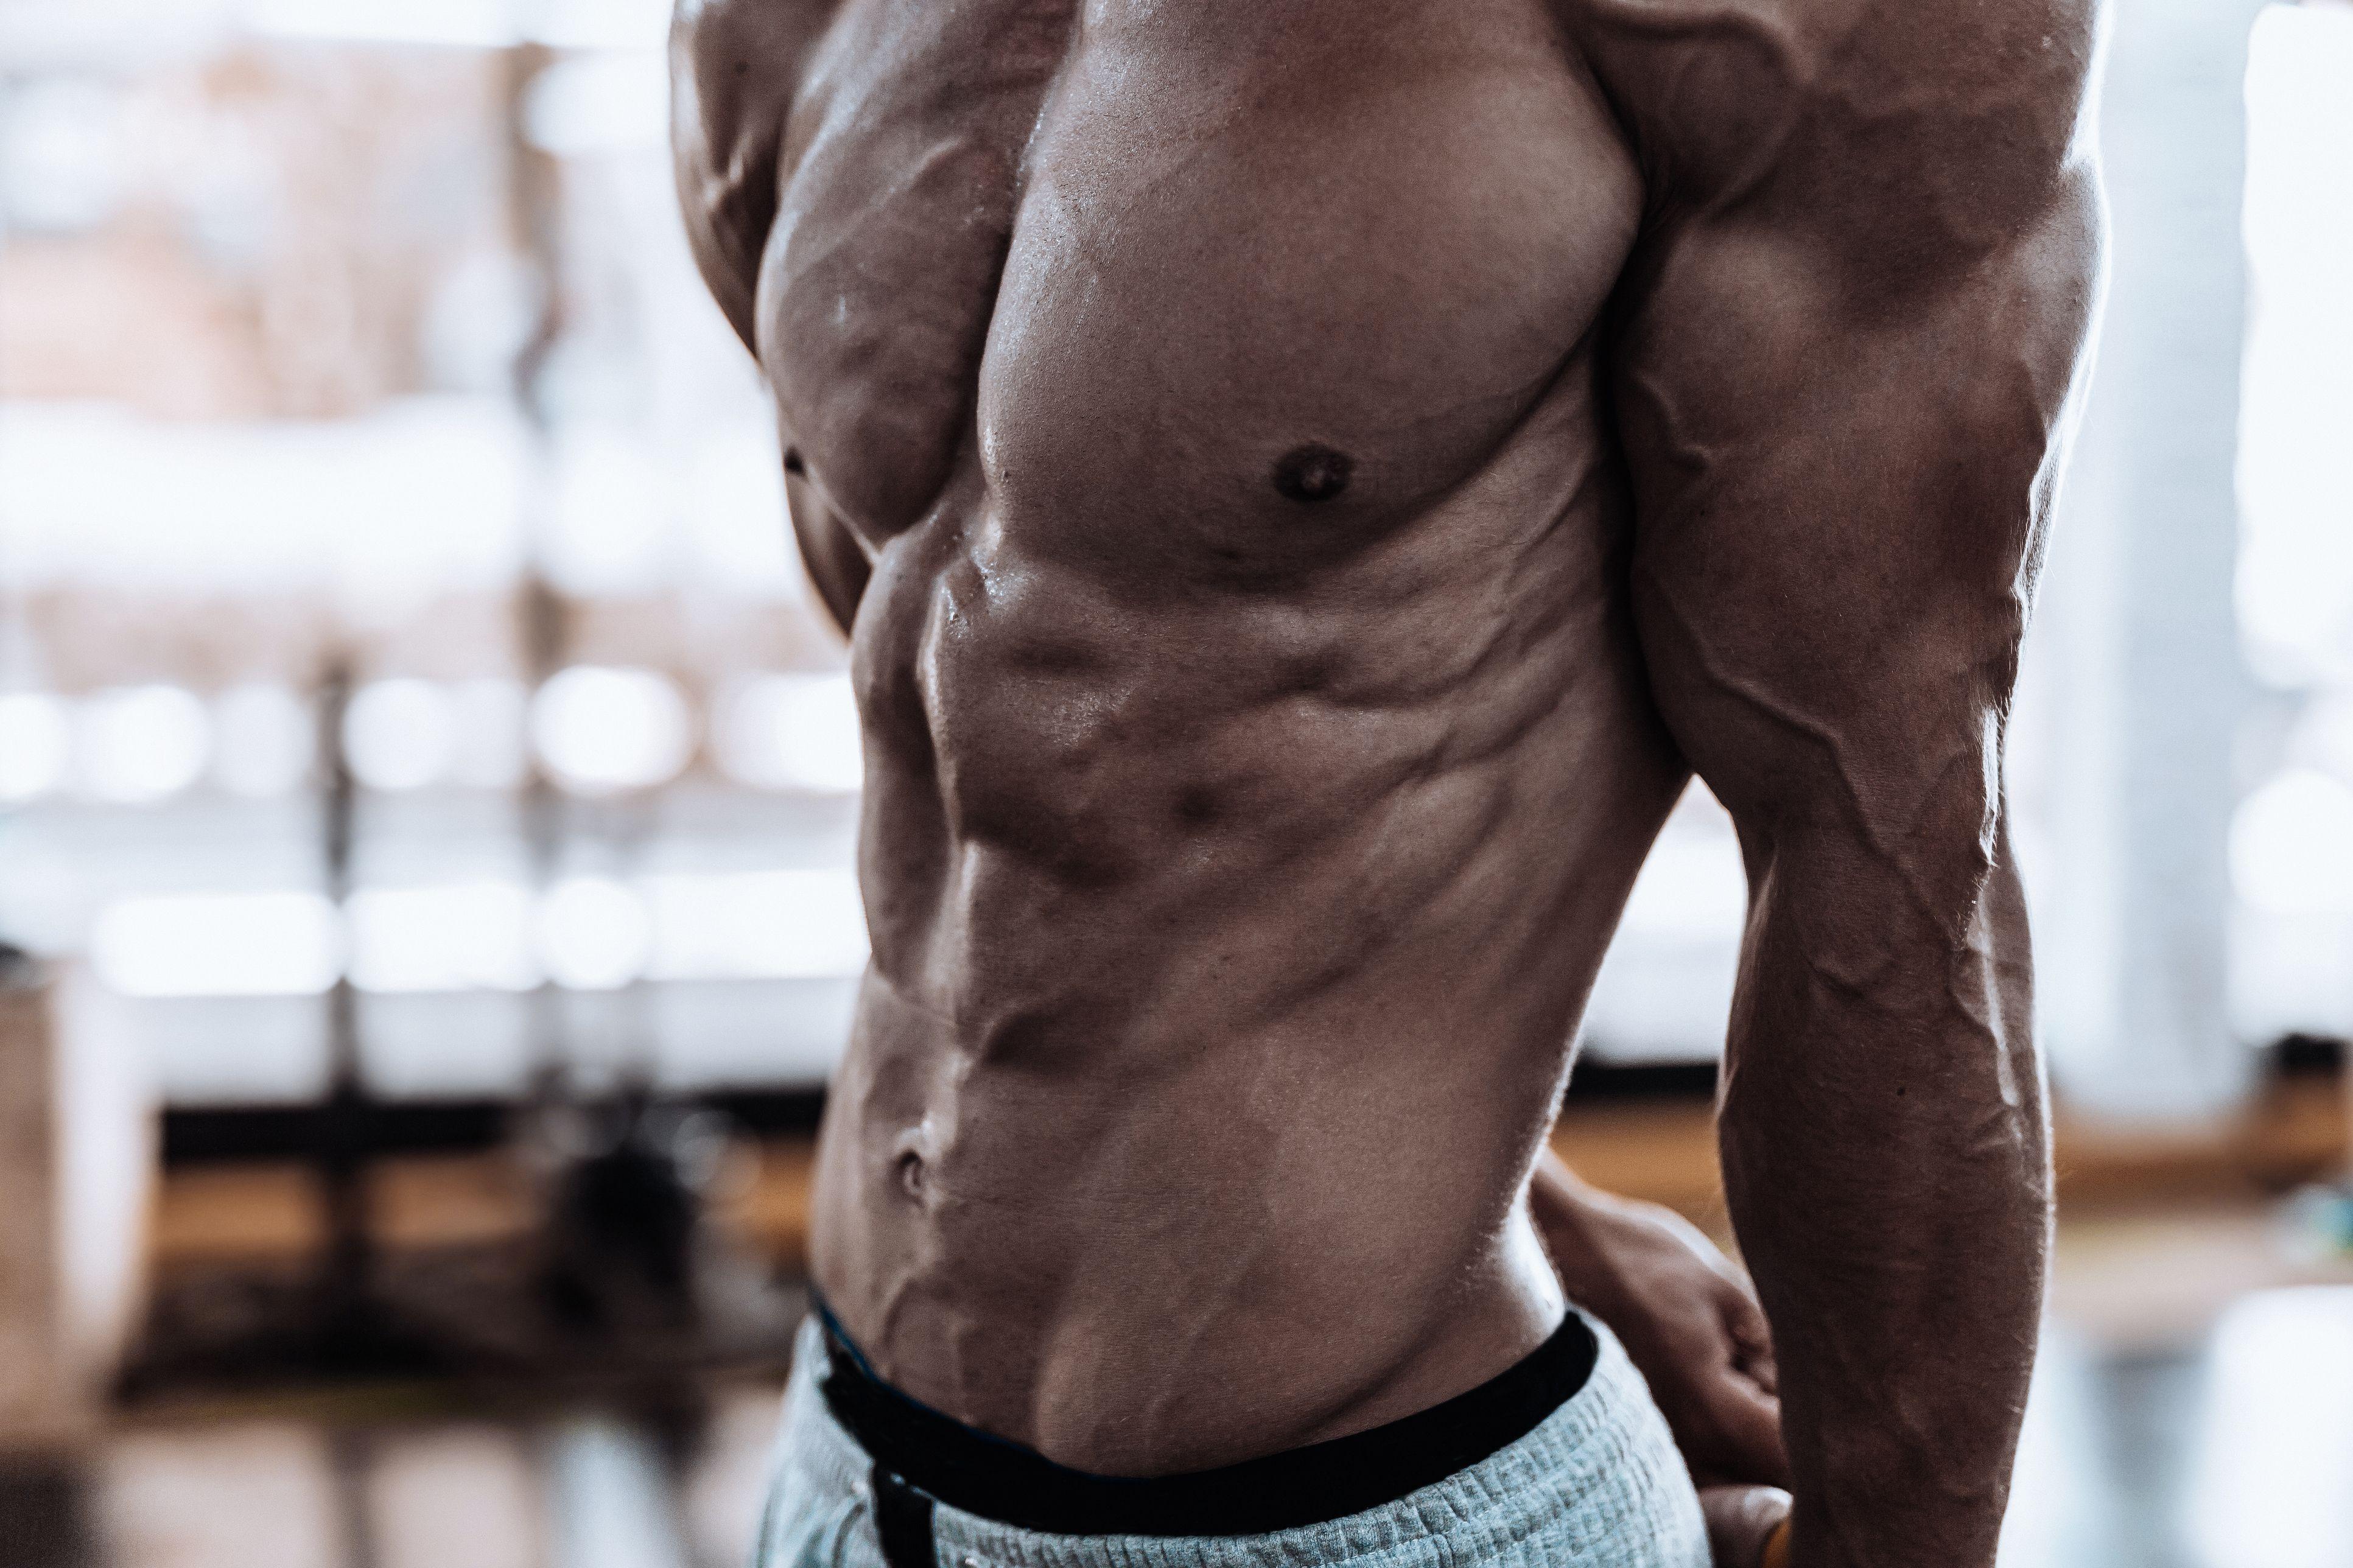 The 25 Best Exercises to Sculpt Your Obliques